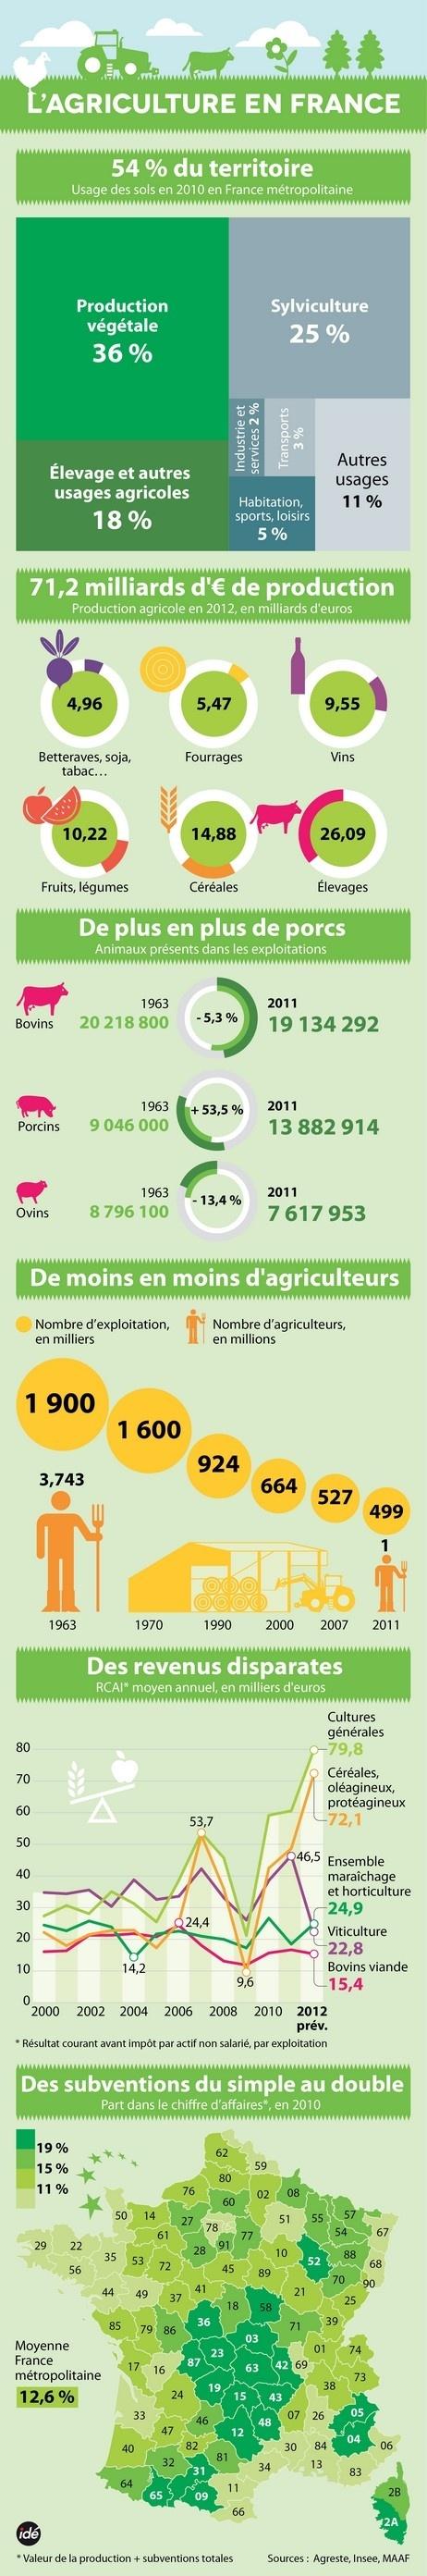 INFOGRAPHIE : les chiffres clés de l'agriculture en France - France Bleu